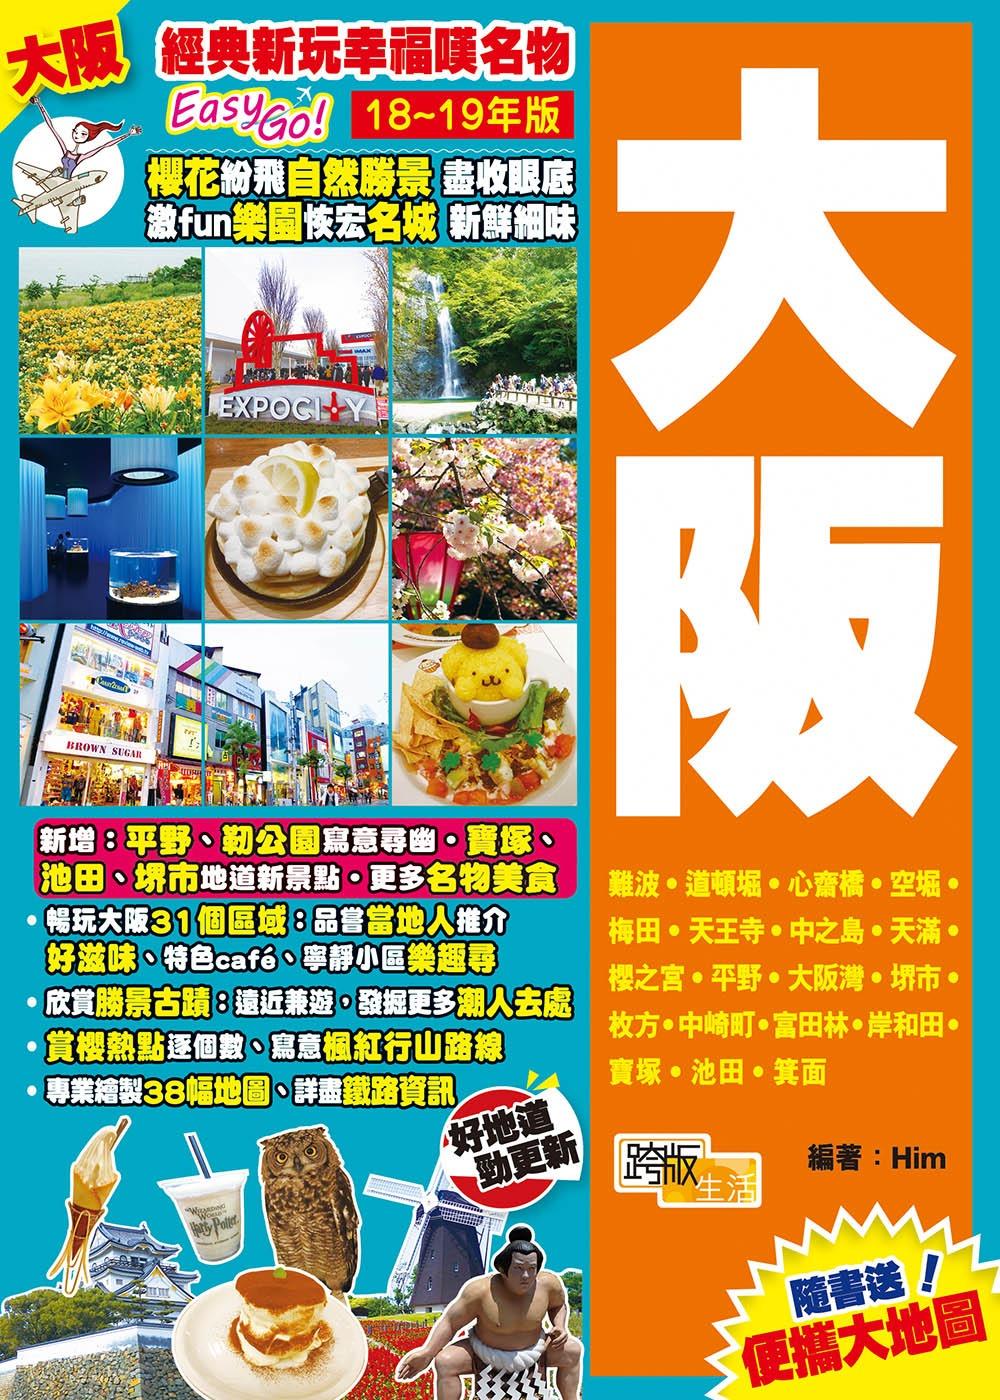 大阪(18-19年版):經典新玩幸福嘆名物Easy GO!